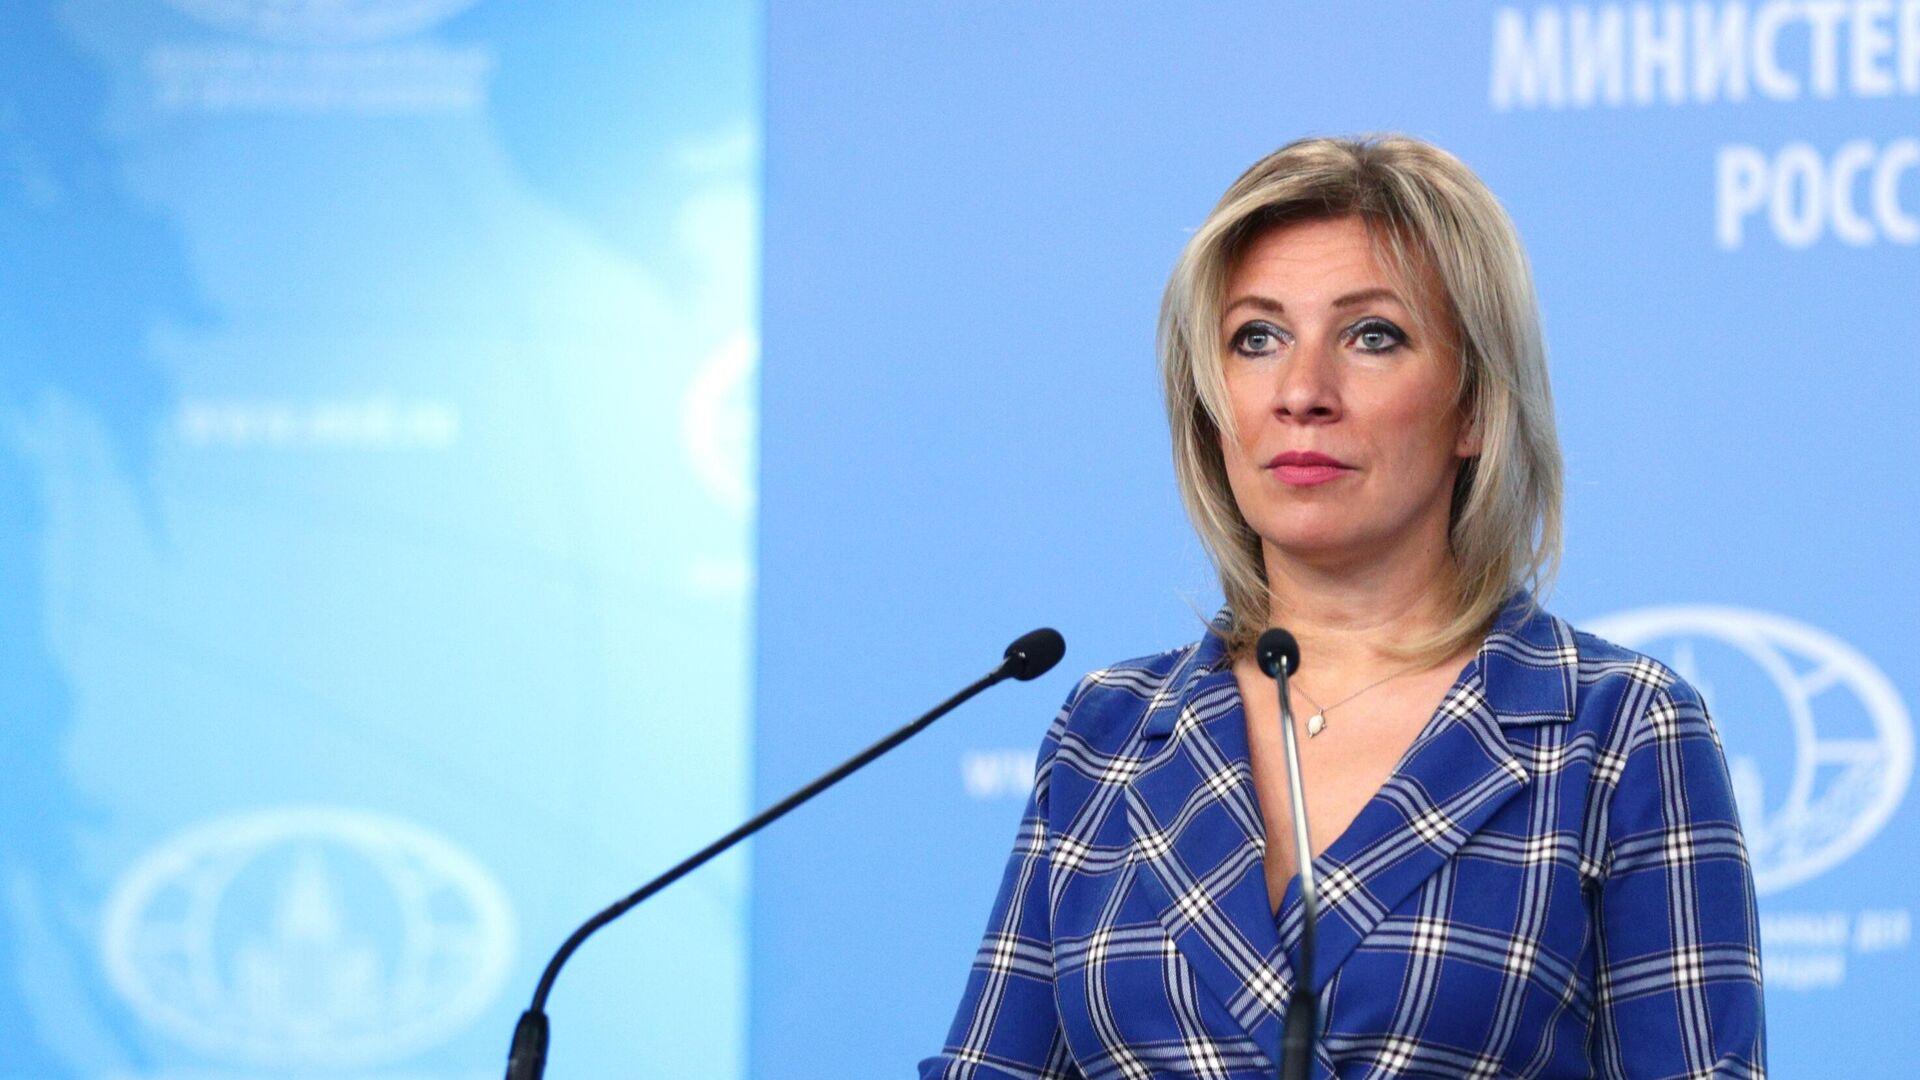 Официальный представитель Министерства иностранных дел России Мария Захарова во время брифинга в Москве - РИА Новости, 1920, 22.09.2021